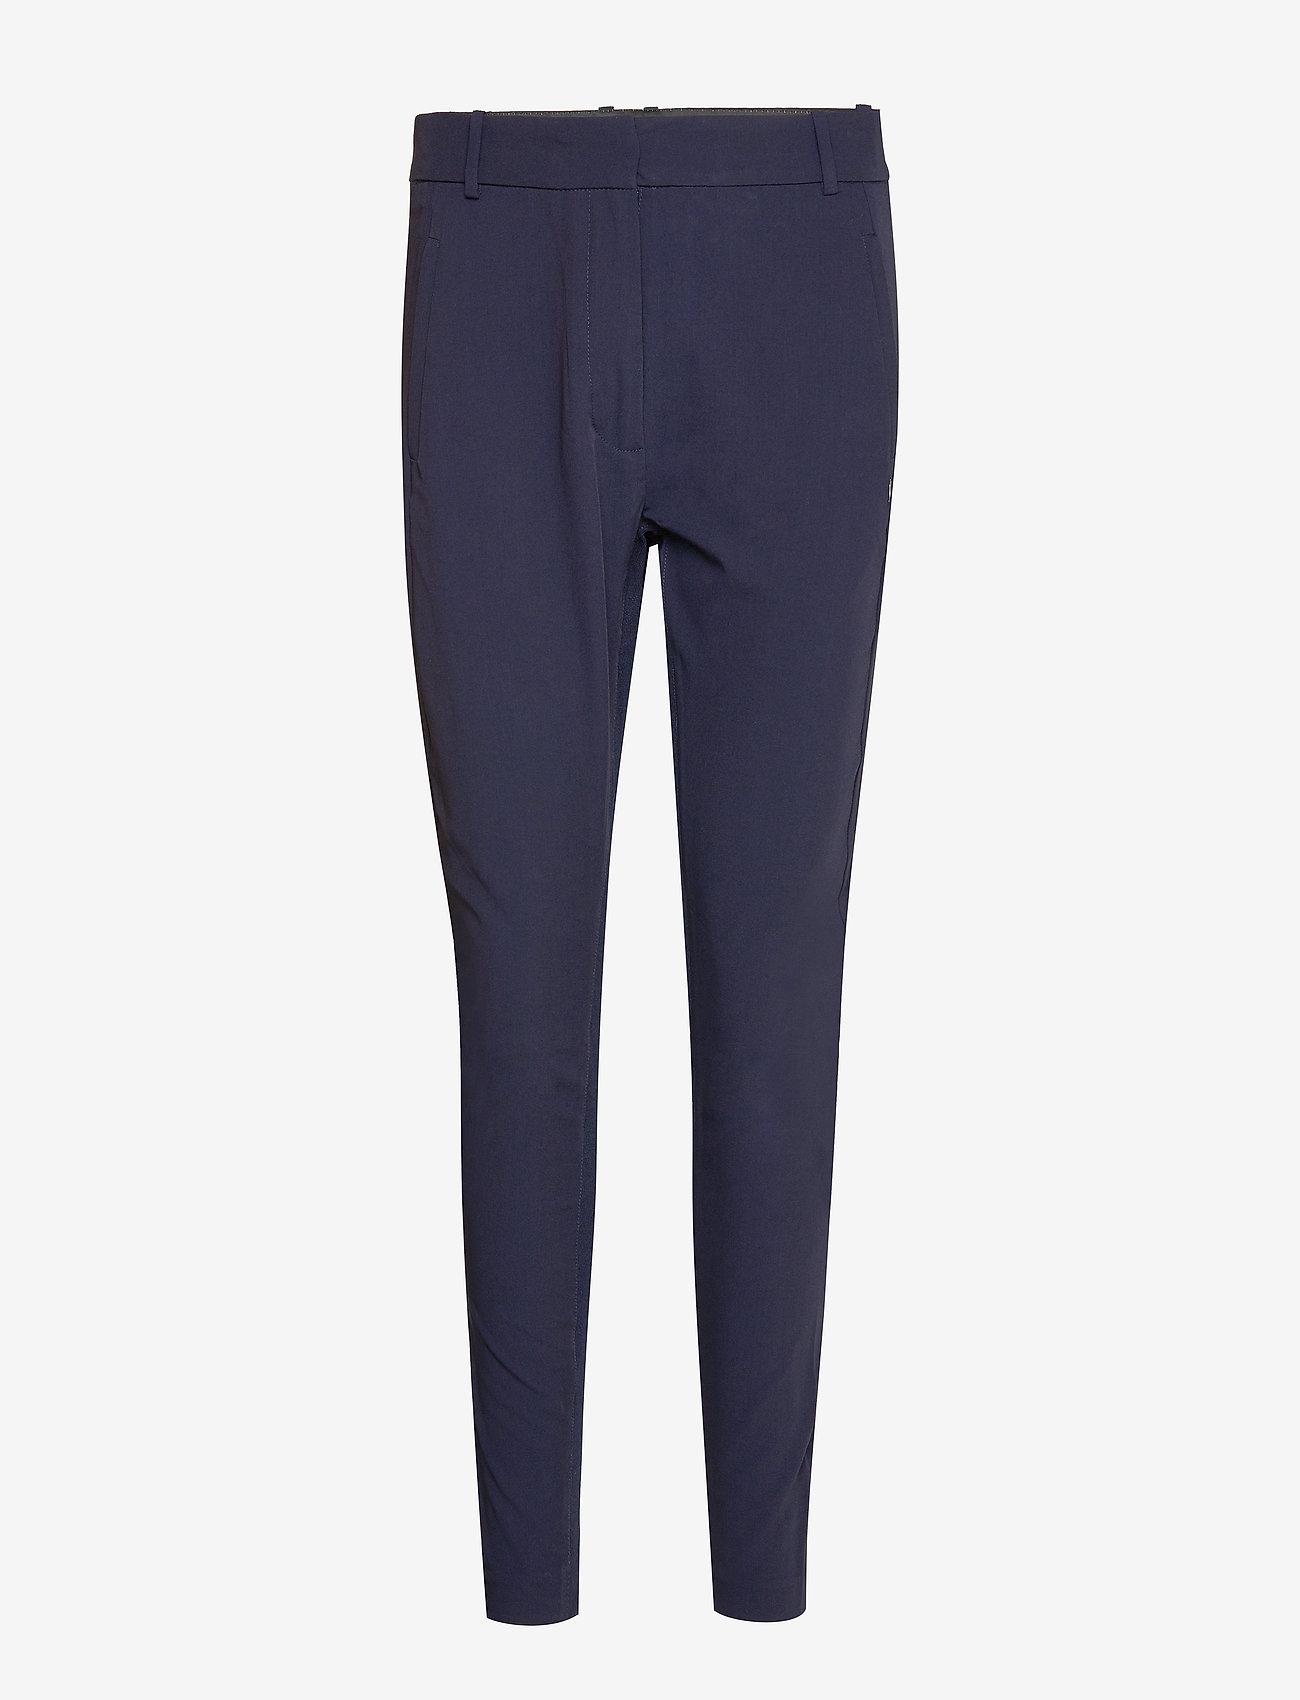 Coster Copenhagen - Suit pants - Coco - broeken med skinny fit - night sky blue - 0